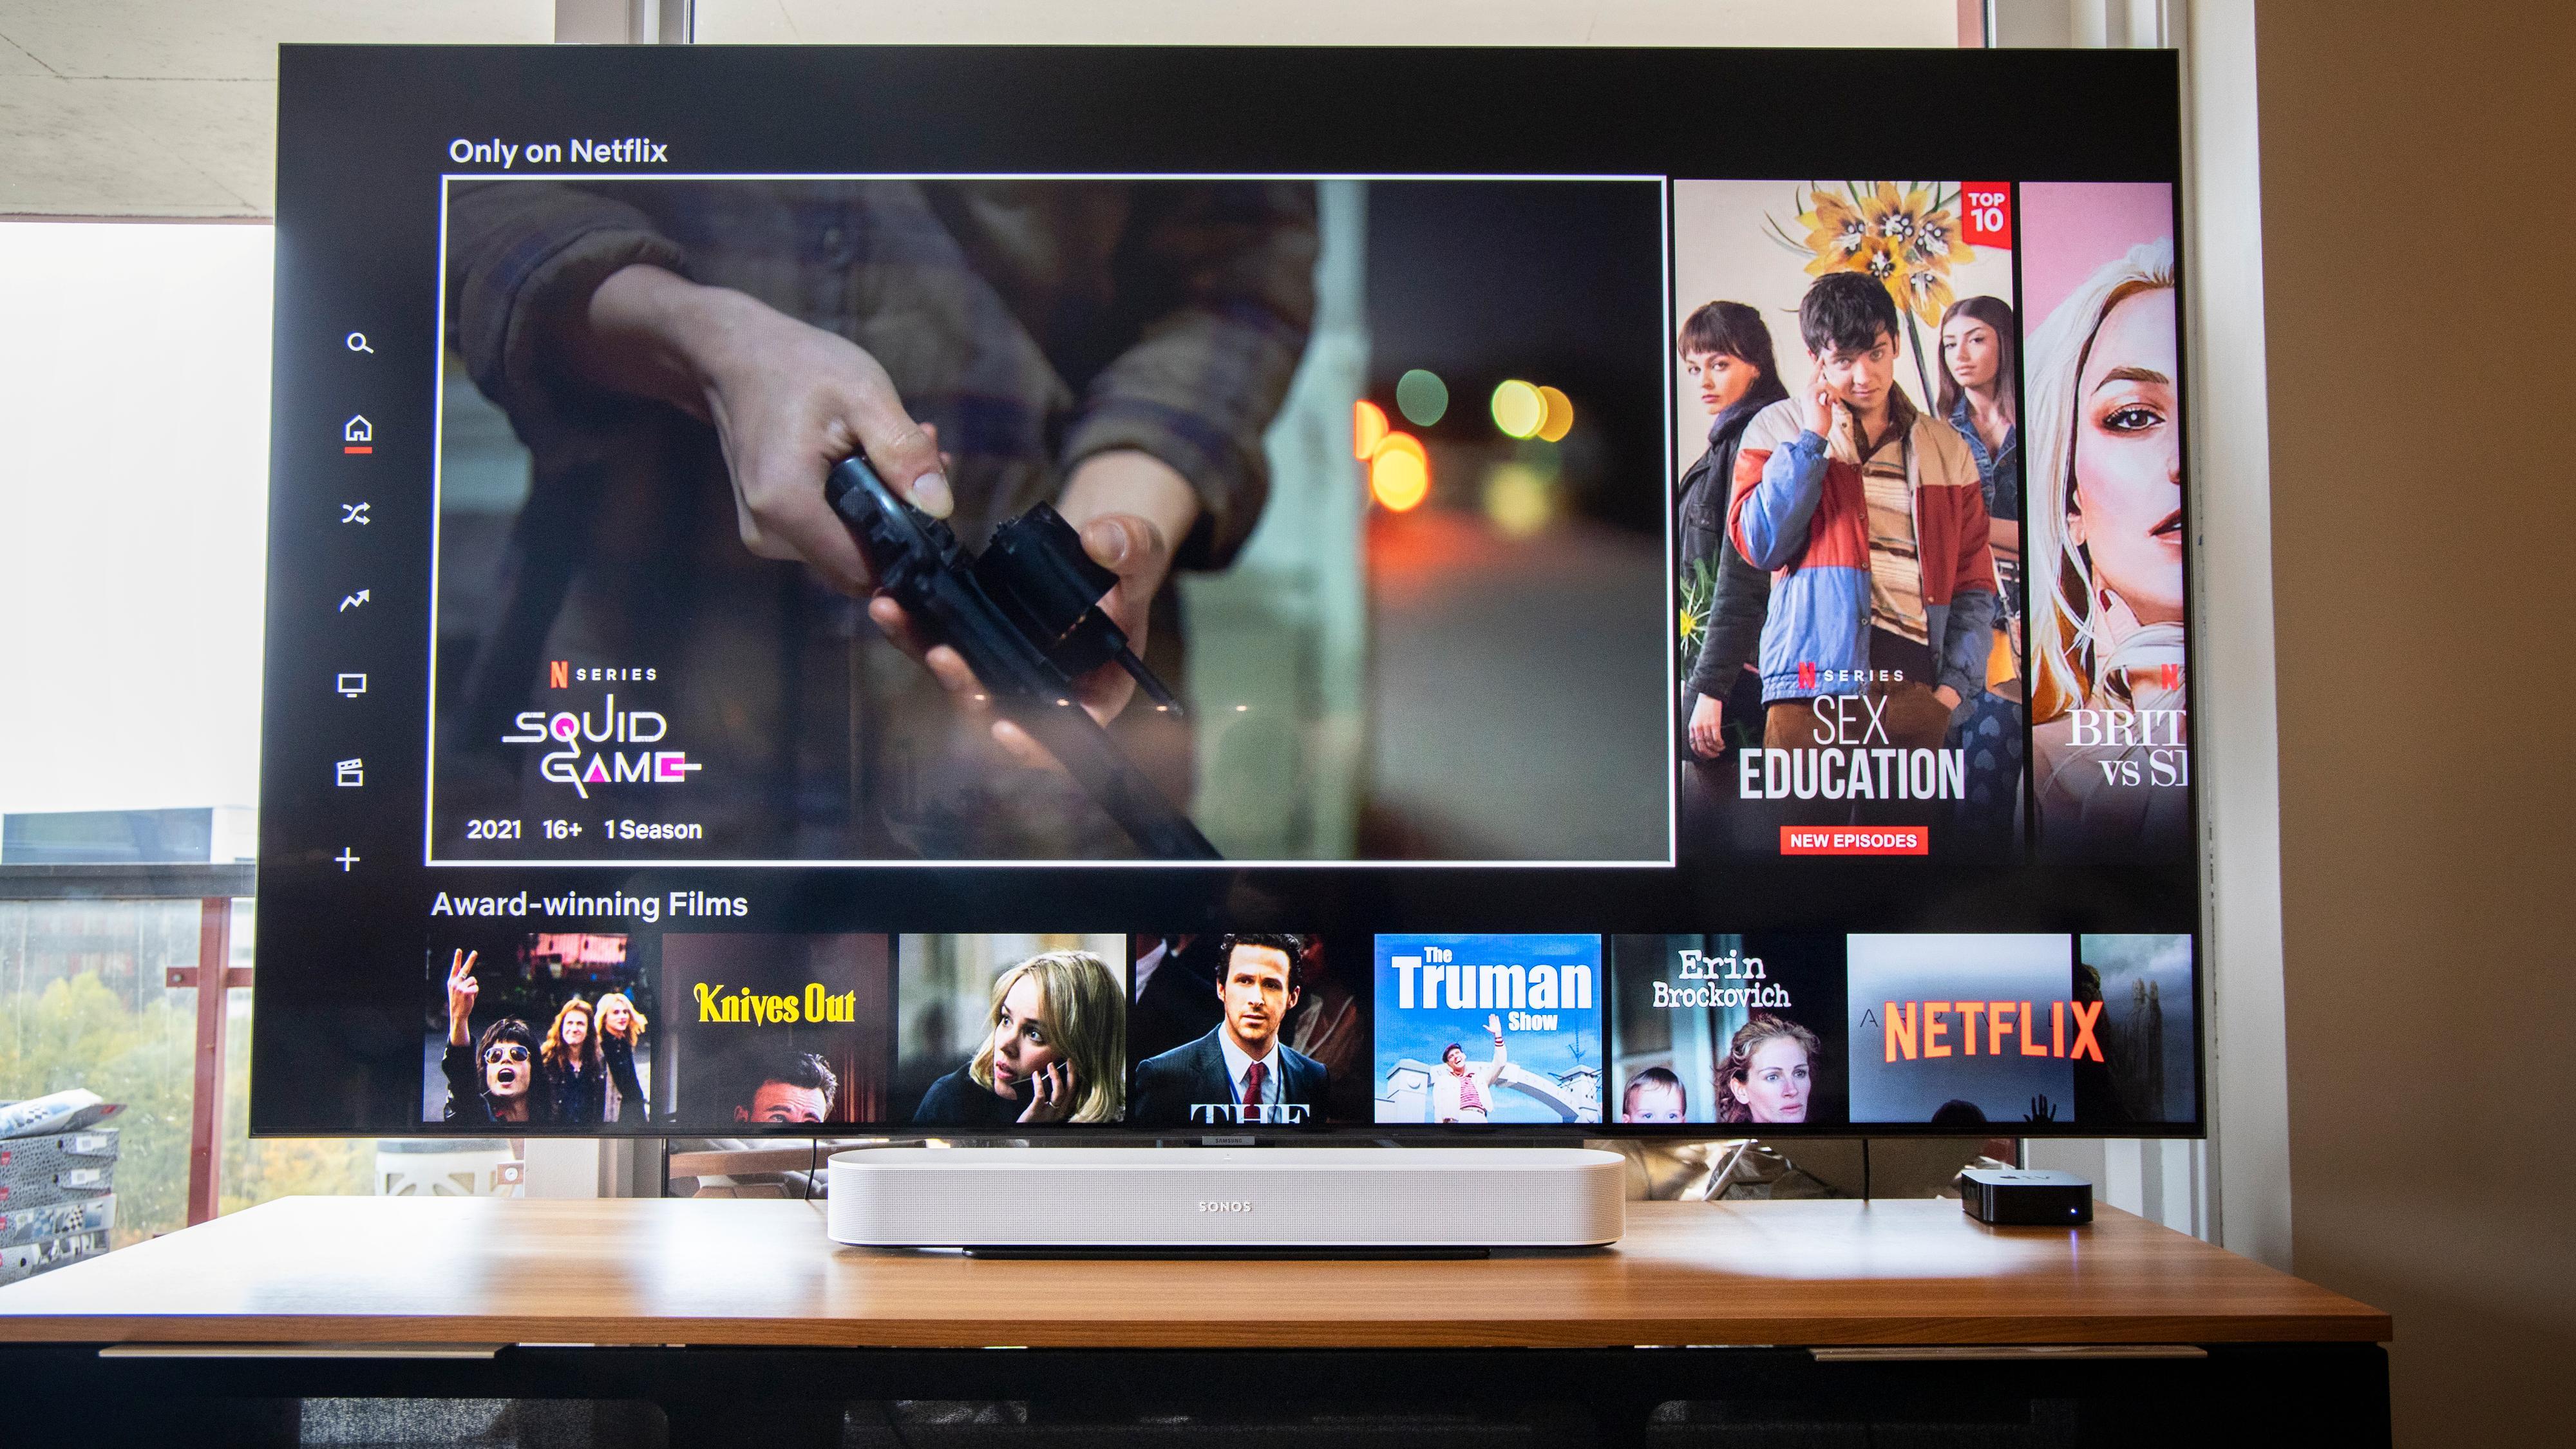 Slik ser Sonos Beam (Gen 2) ut foran en 75-tommers TV. Beam er 65 centimeter bred, og med det akkurat på størrelse med Denon og litt mindre enn Bose, JBL og Samsung. Sistnevnte er cirka 11 centimeter bredere, og er den bredeste planken i testen.